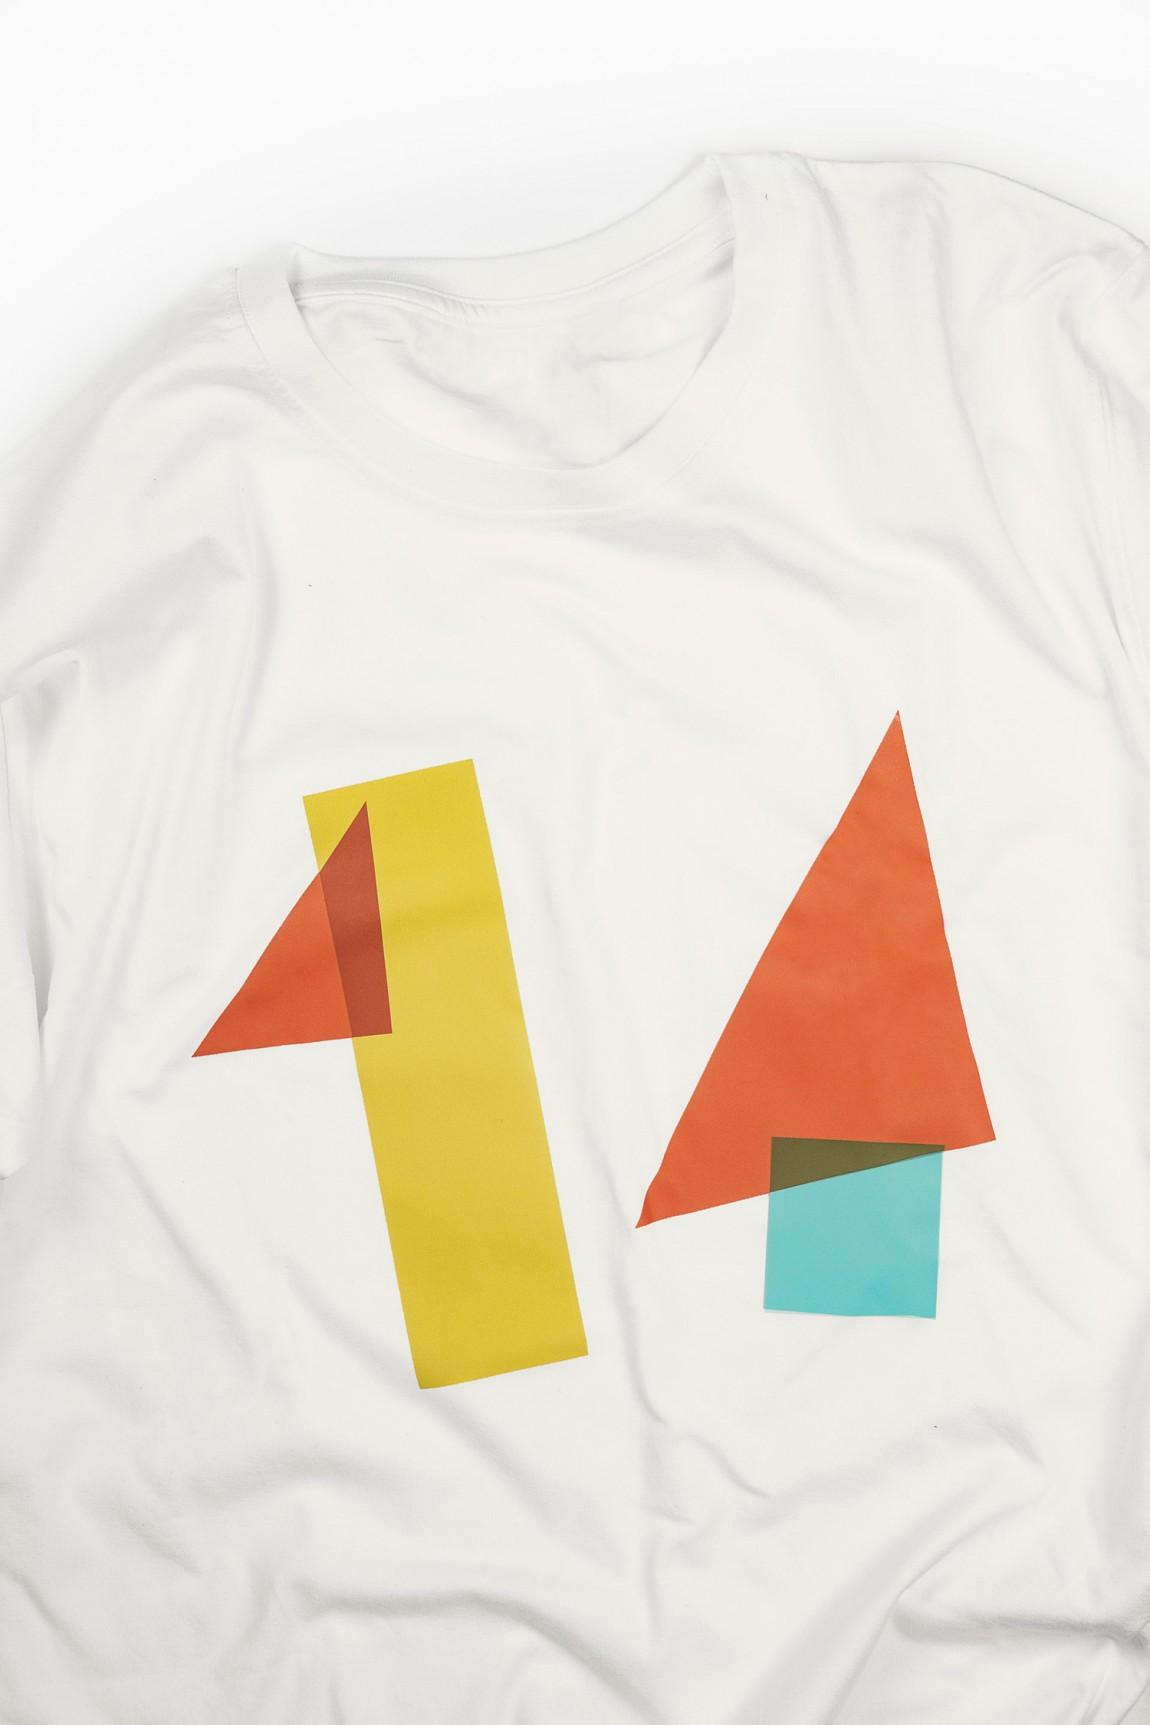 14 Islands数字开发公司企业品牌设计,T恤衫设计